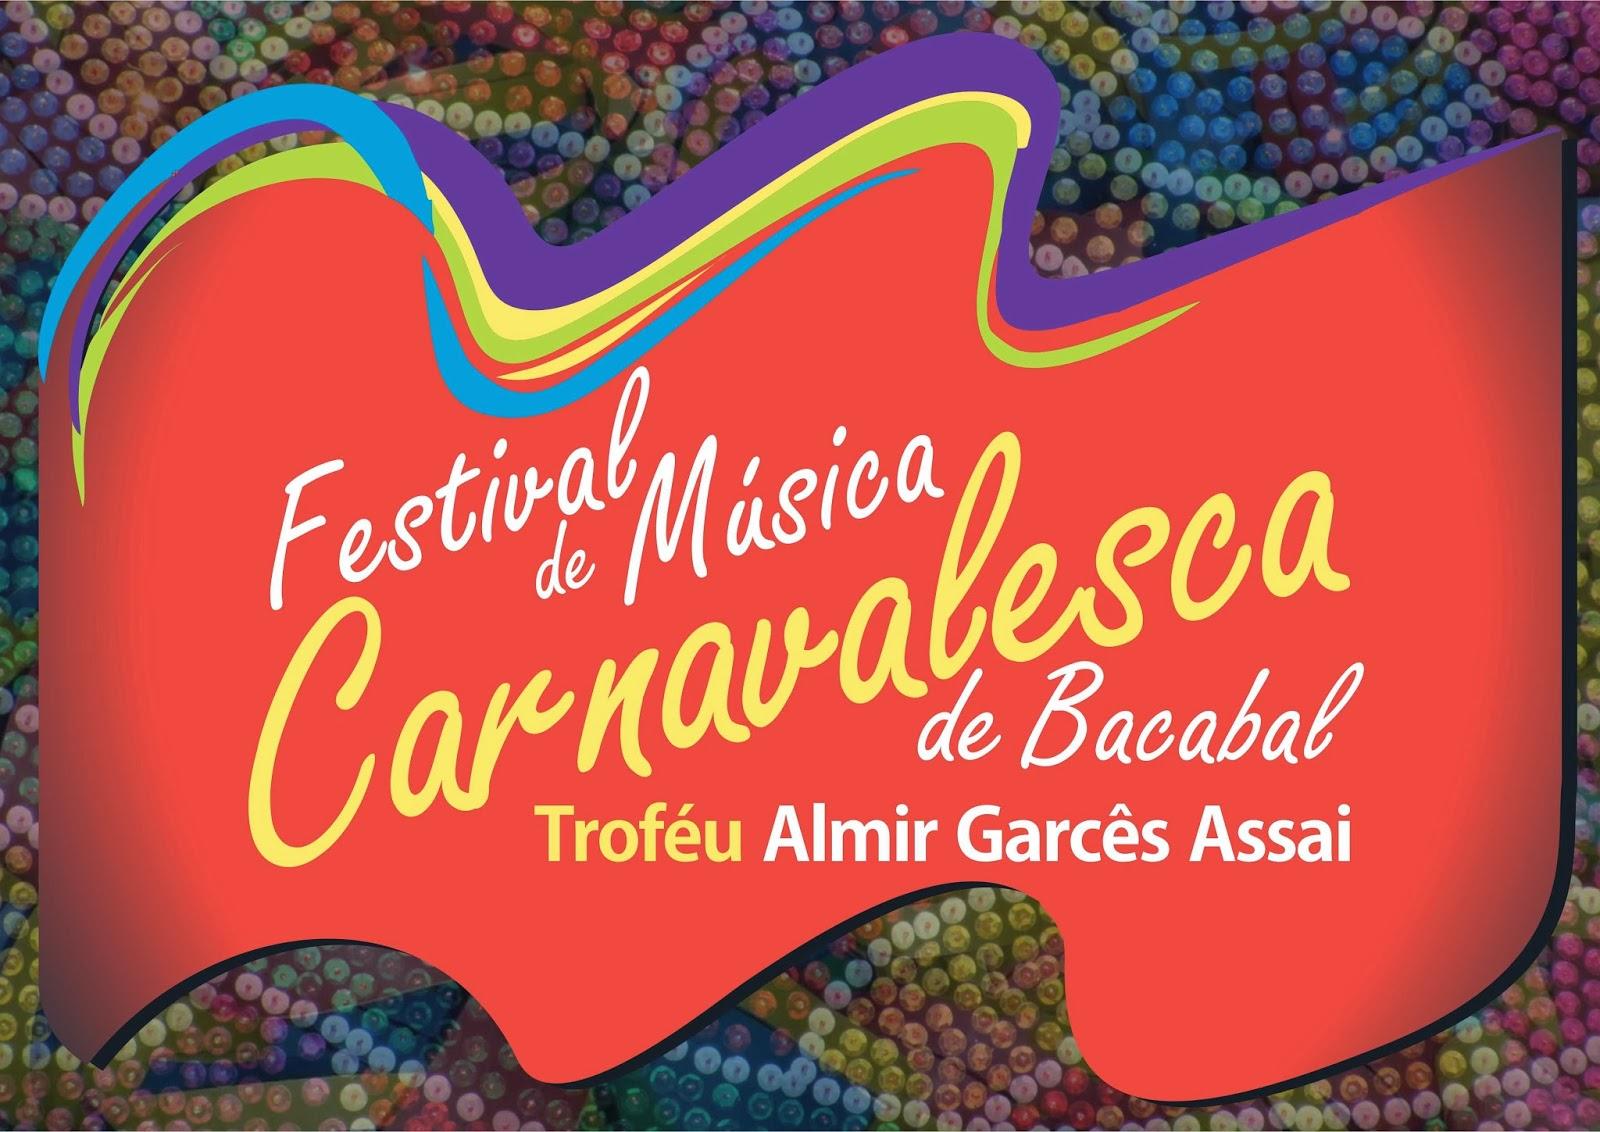 Inscrições para o Festival 2014 de Música Carnavalesca de Bacabal com premiação total de R$ 11 mil